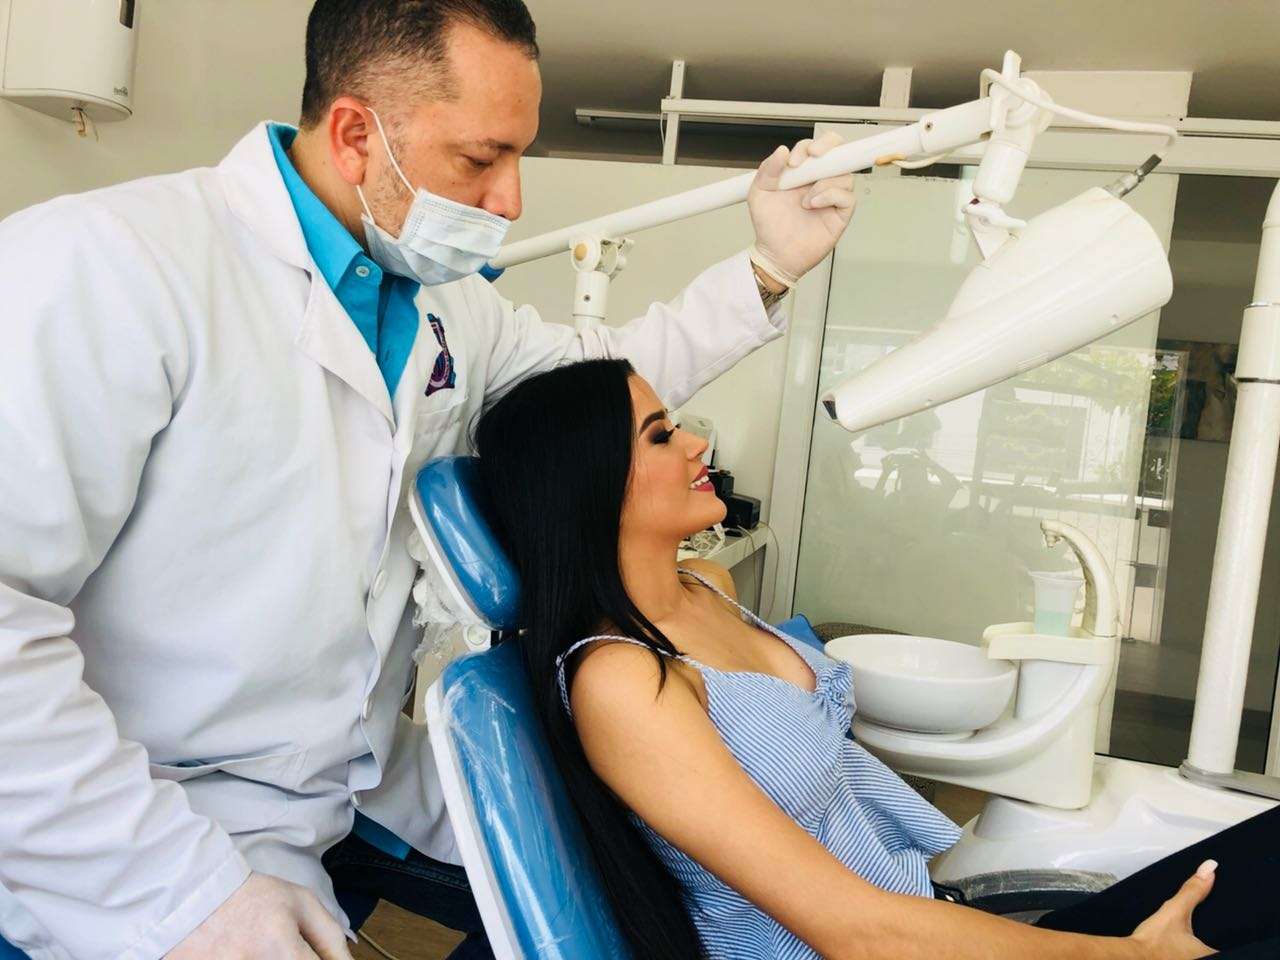 Promo 3 Dental Tourism Colombia Cartagena Dr Julio Oliver